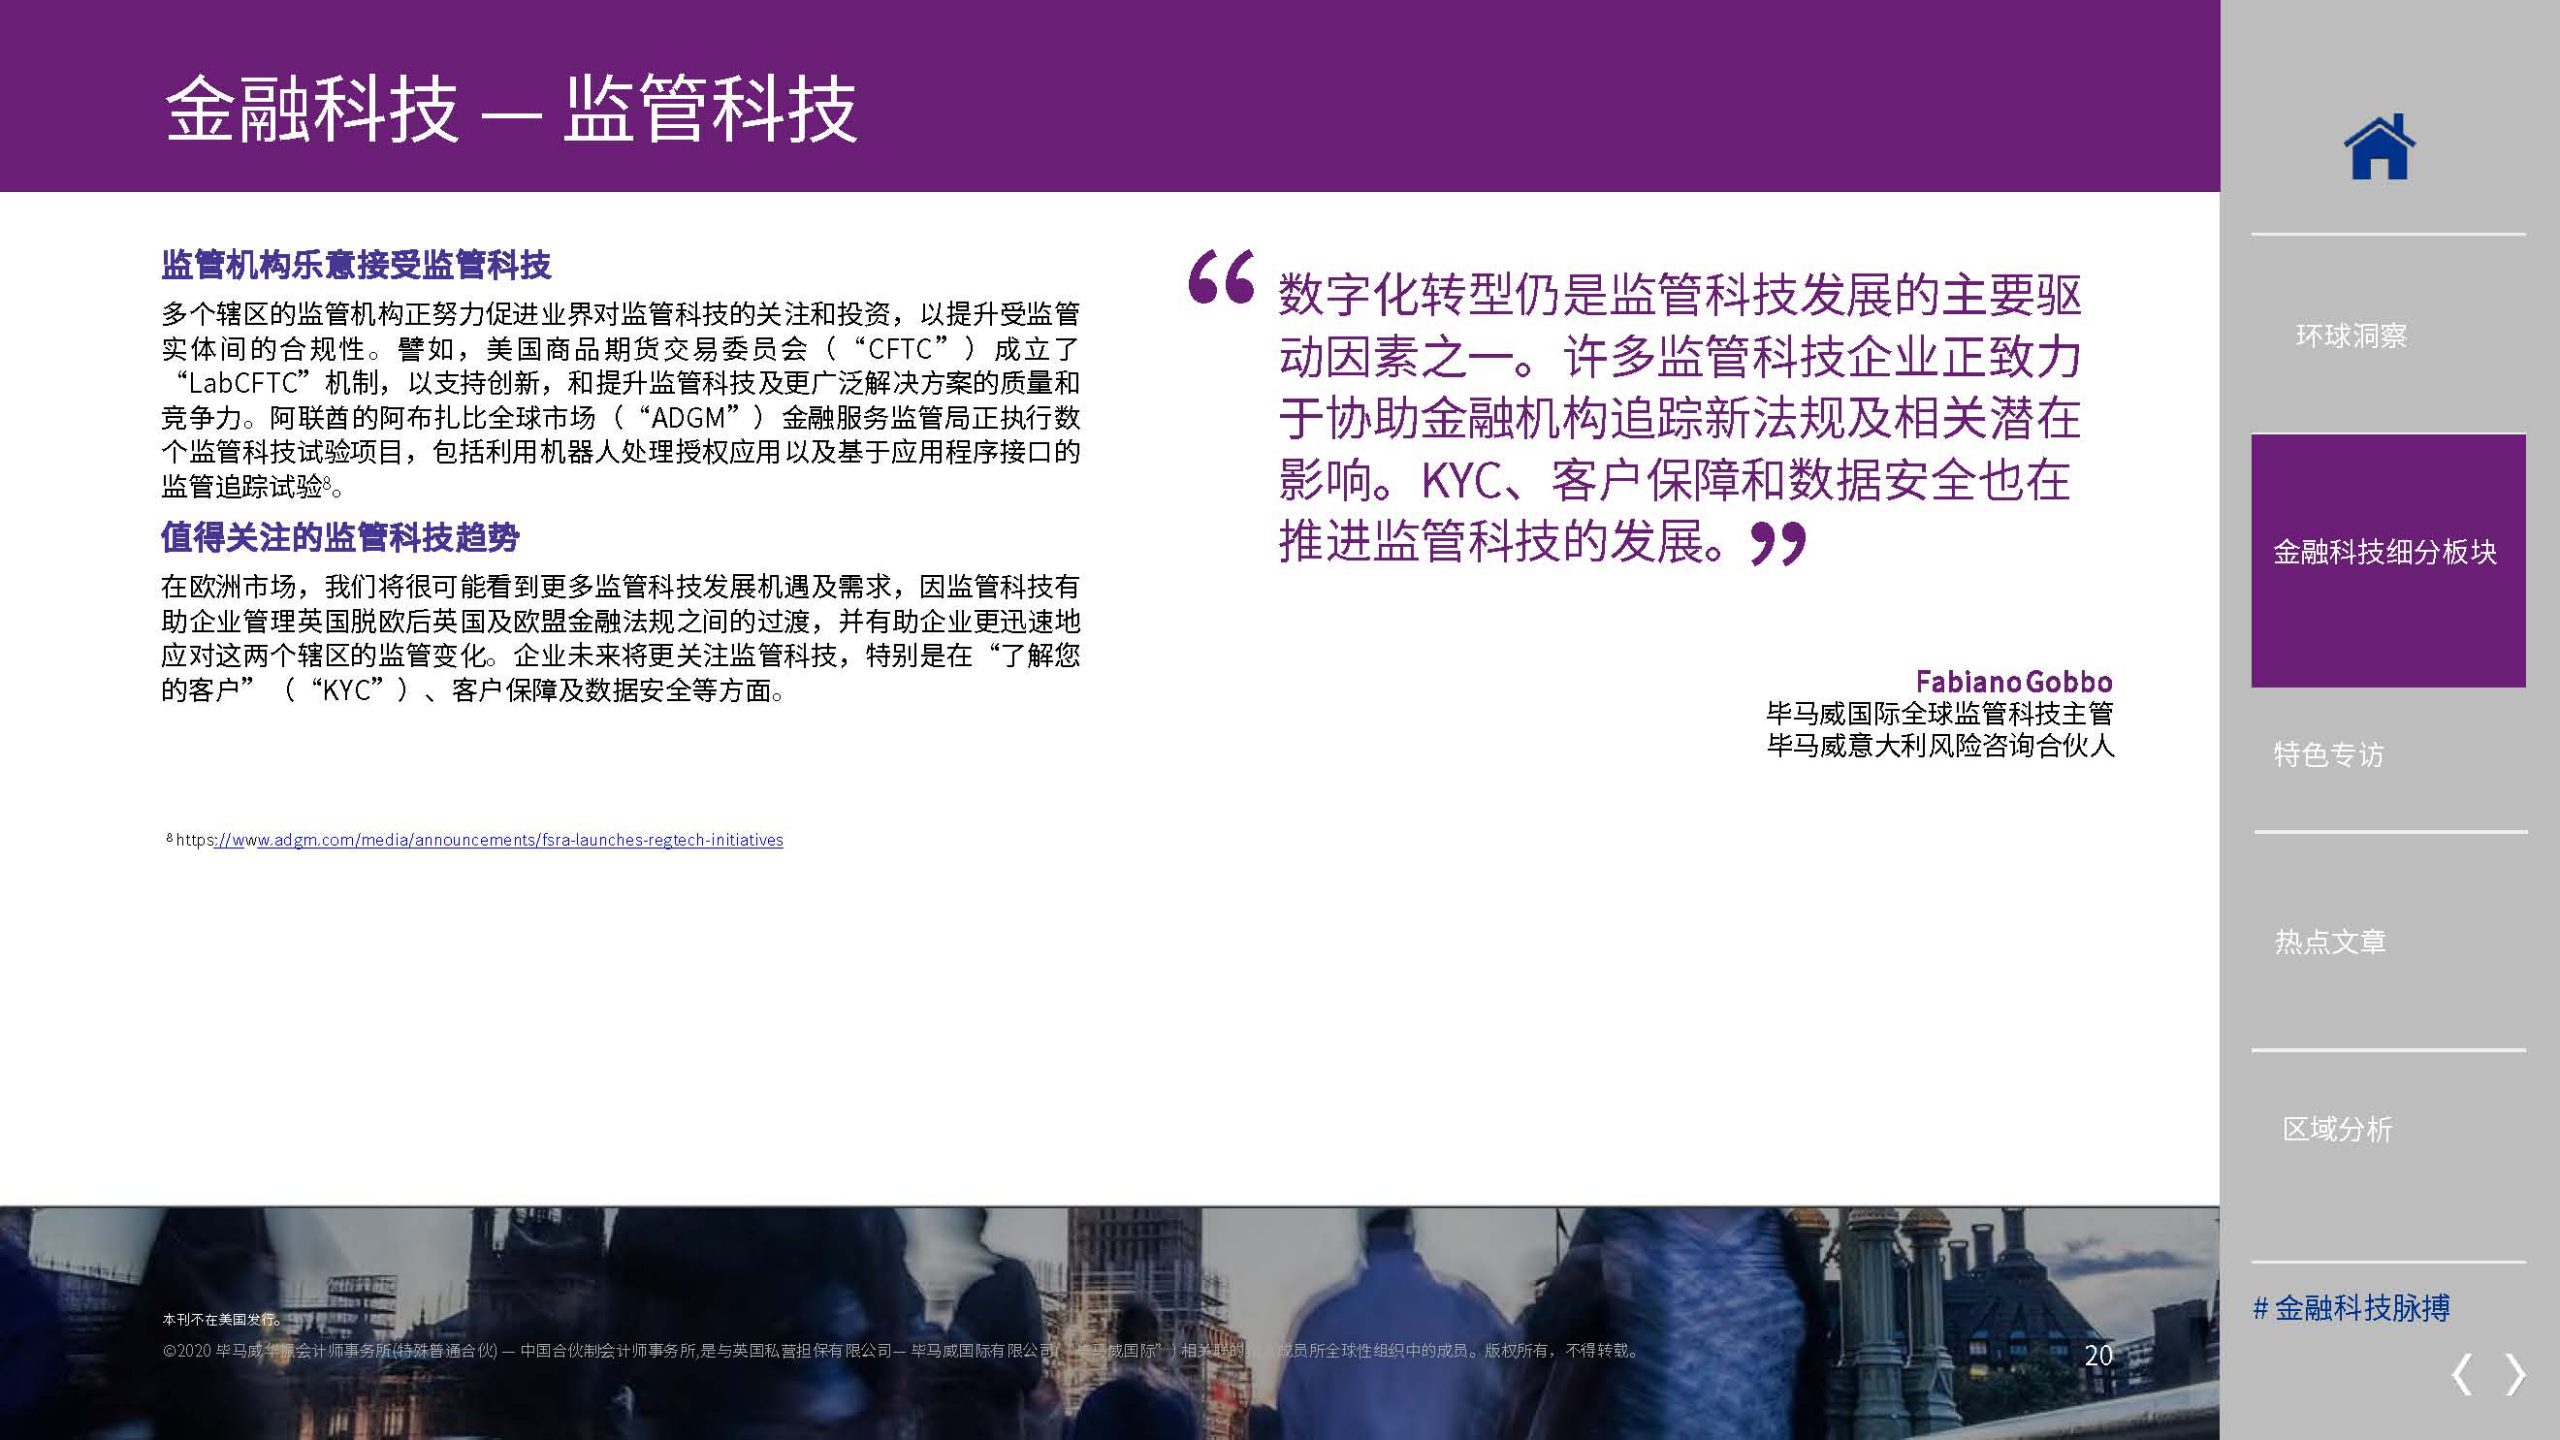 大数据研究报告,毕马威KPMG:2020年上半年金融科技脉搏!